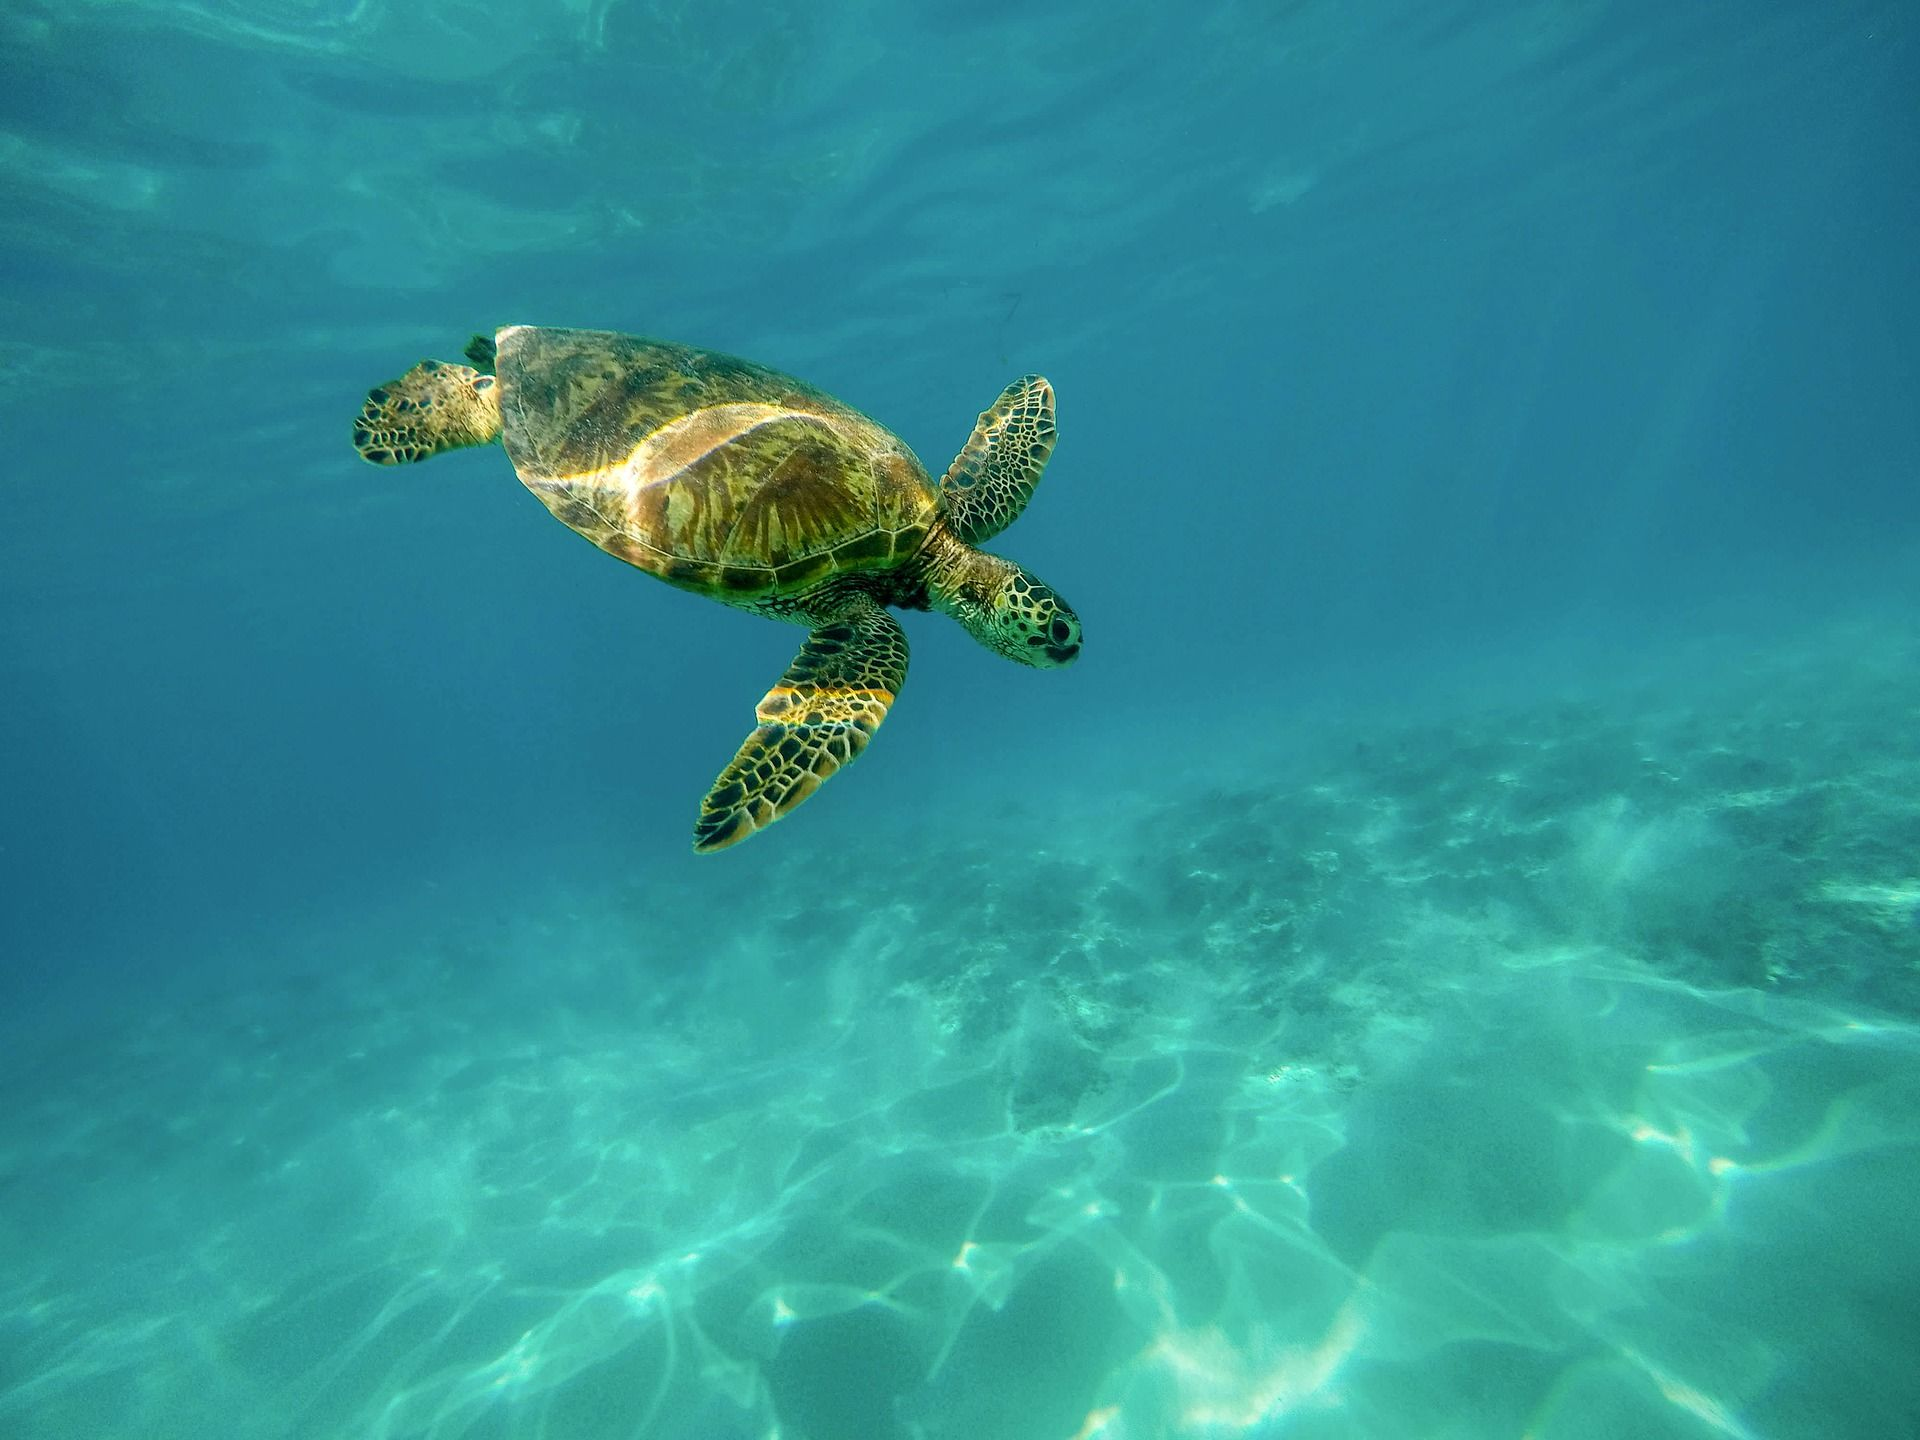 Смотреть лучшее фото черепаха на природе